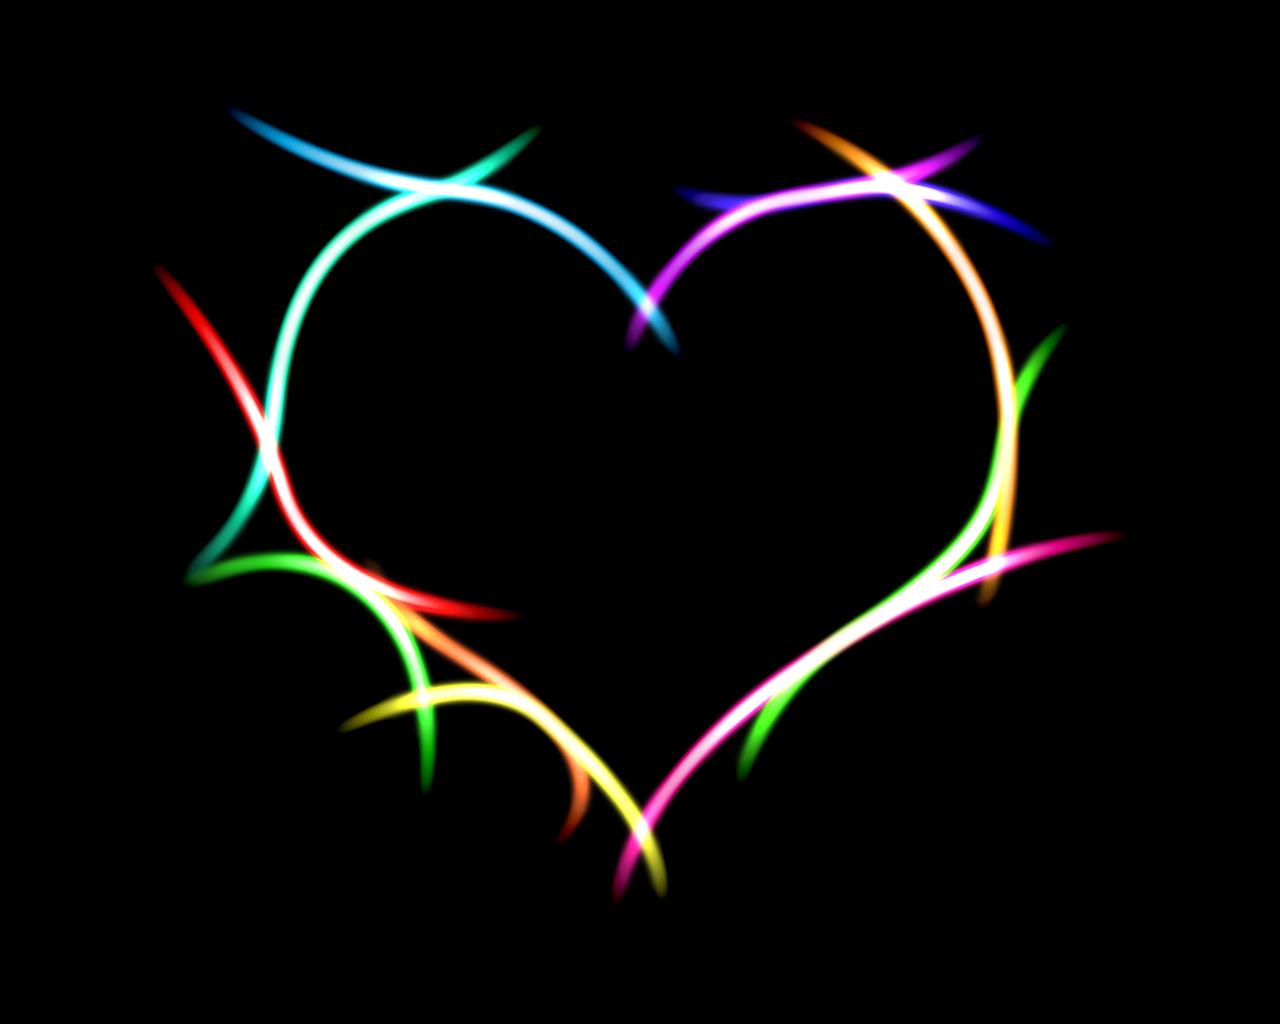 heart desktop backgrounds heart cool heart wallpapers hd heart 1280x1024